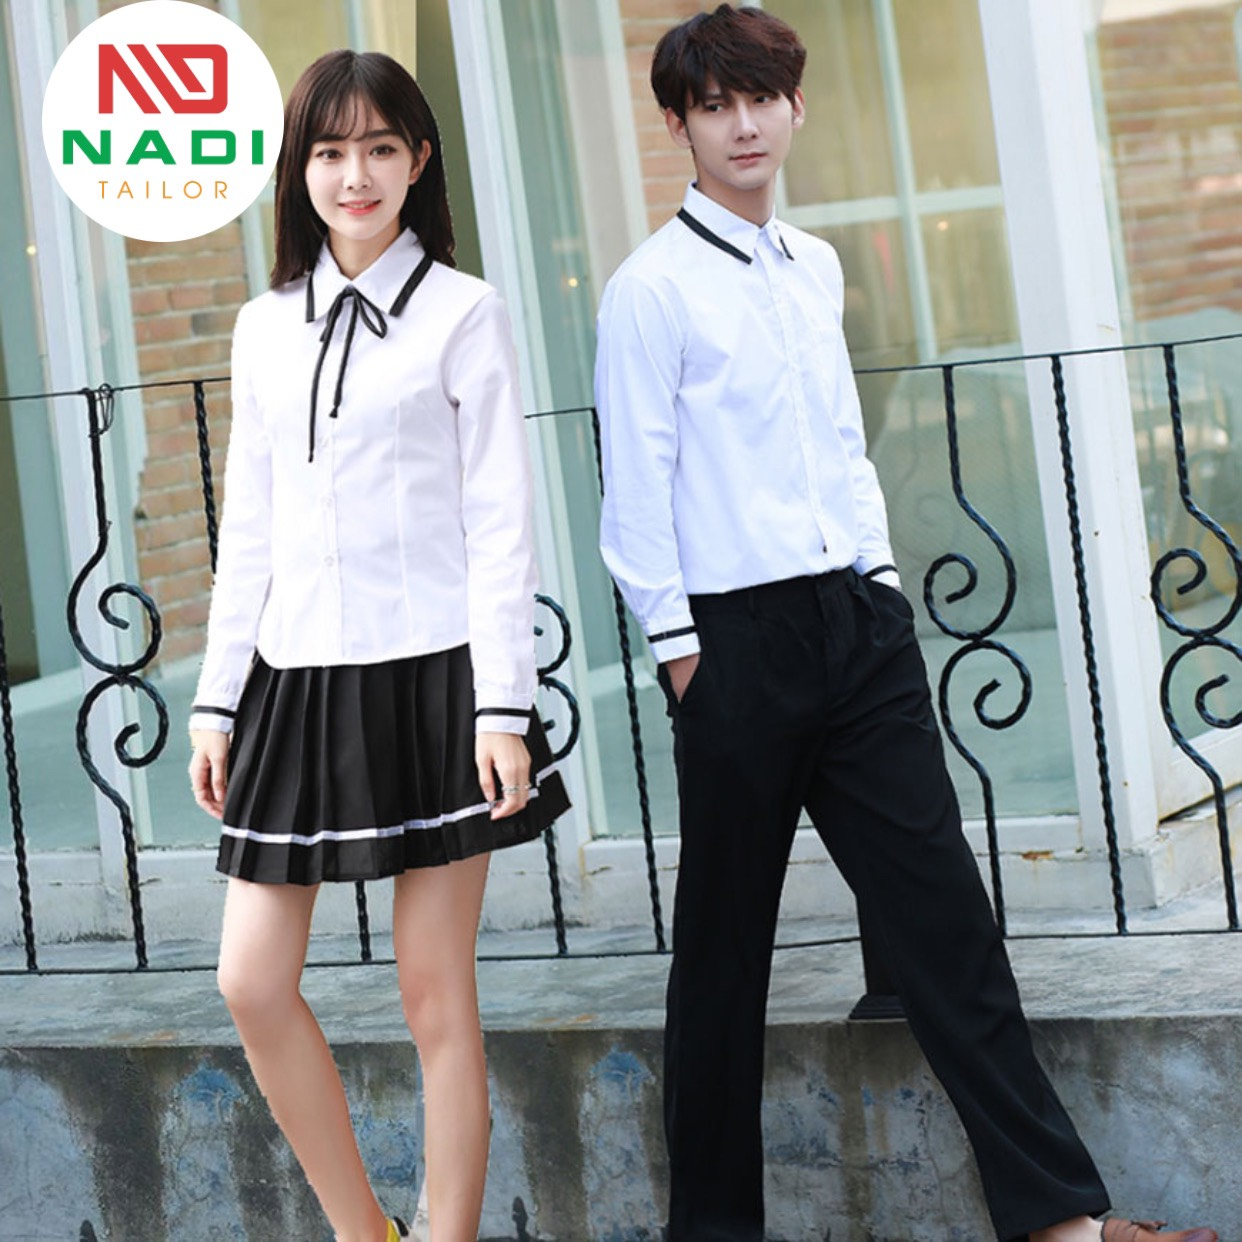 Thiết kế đồng phục học sinh đẹp